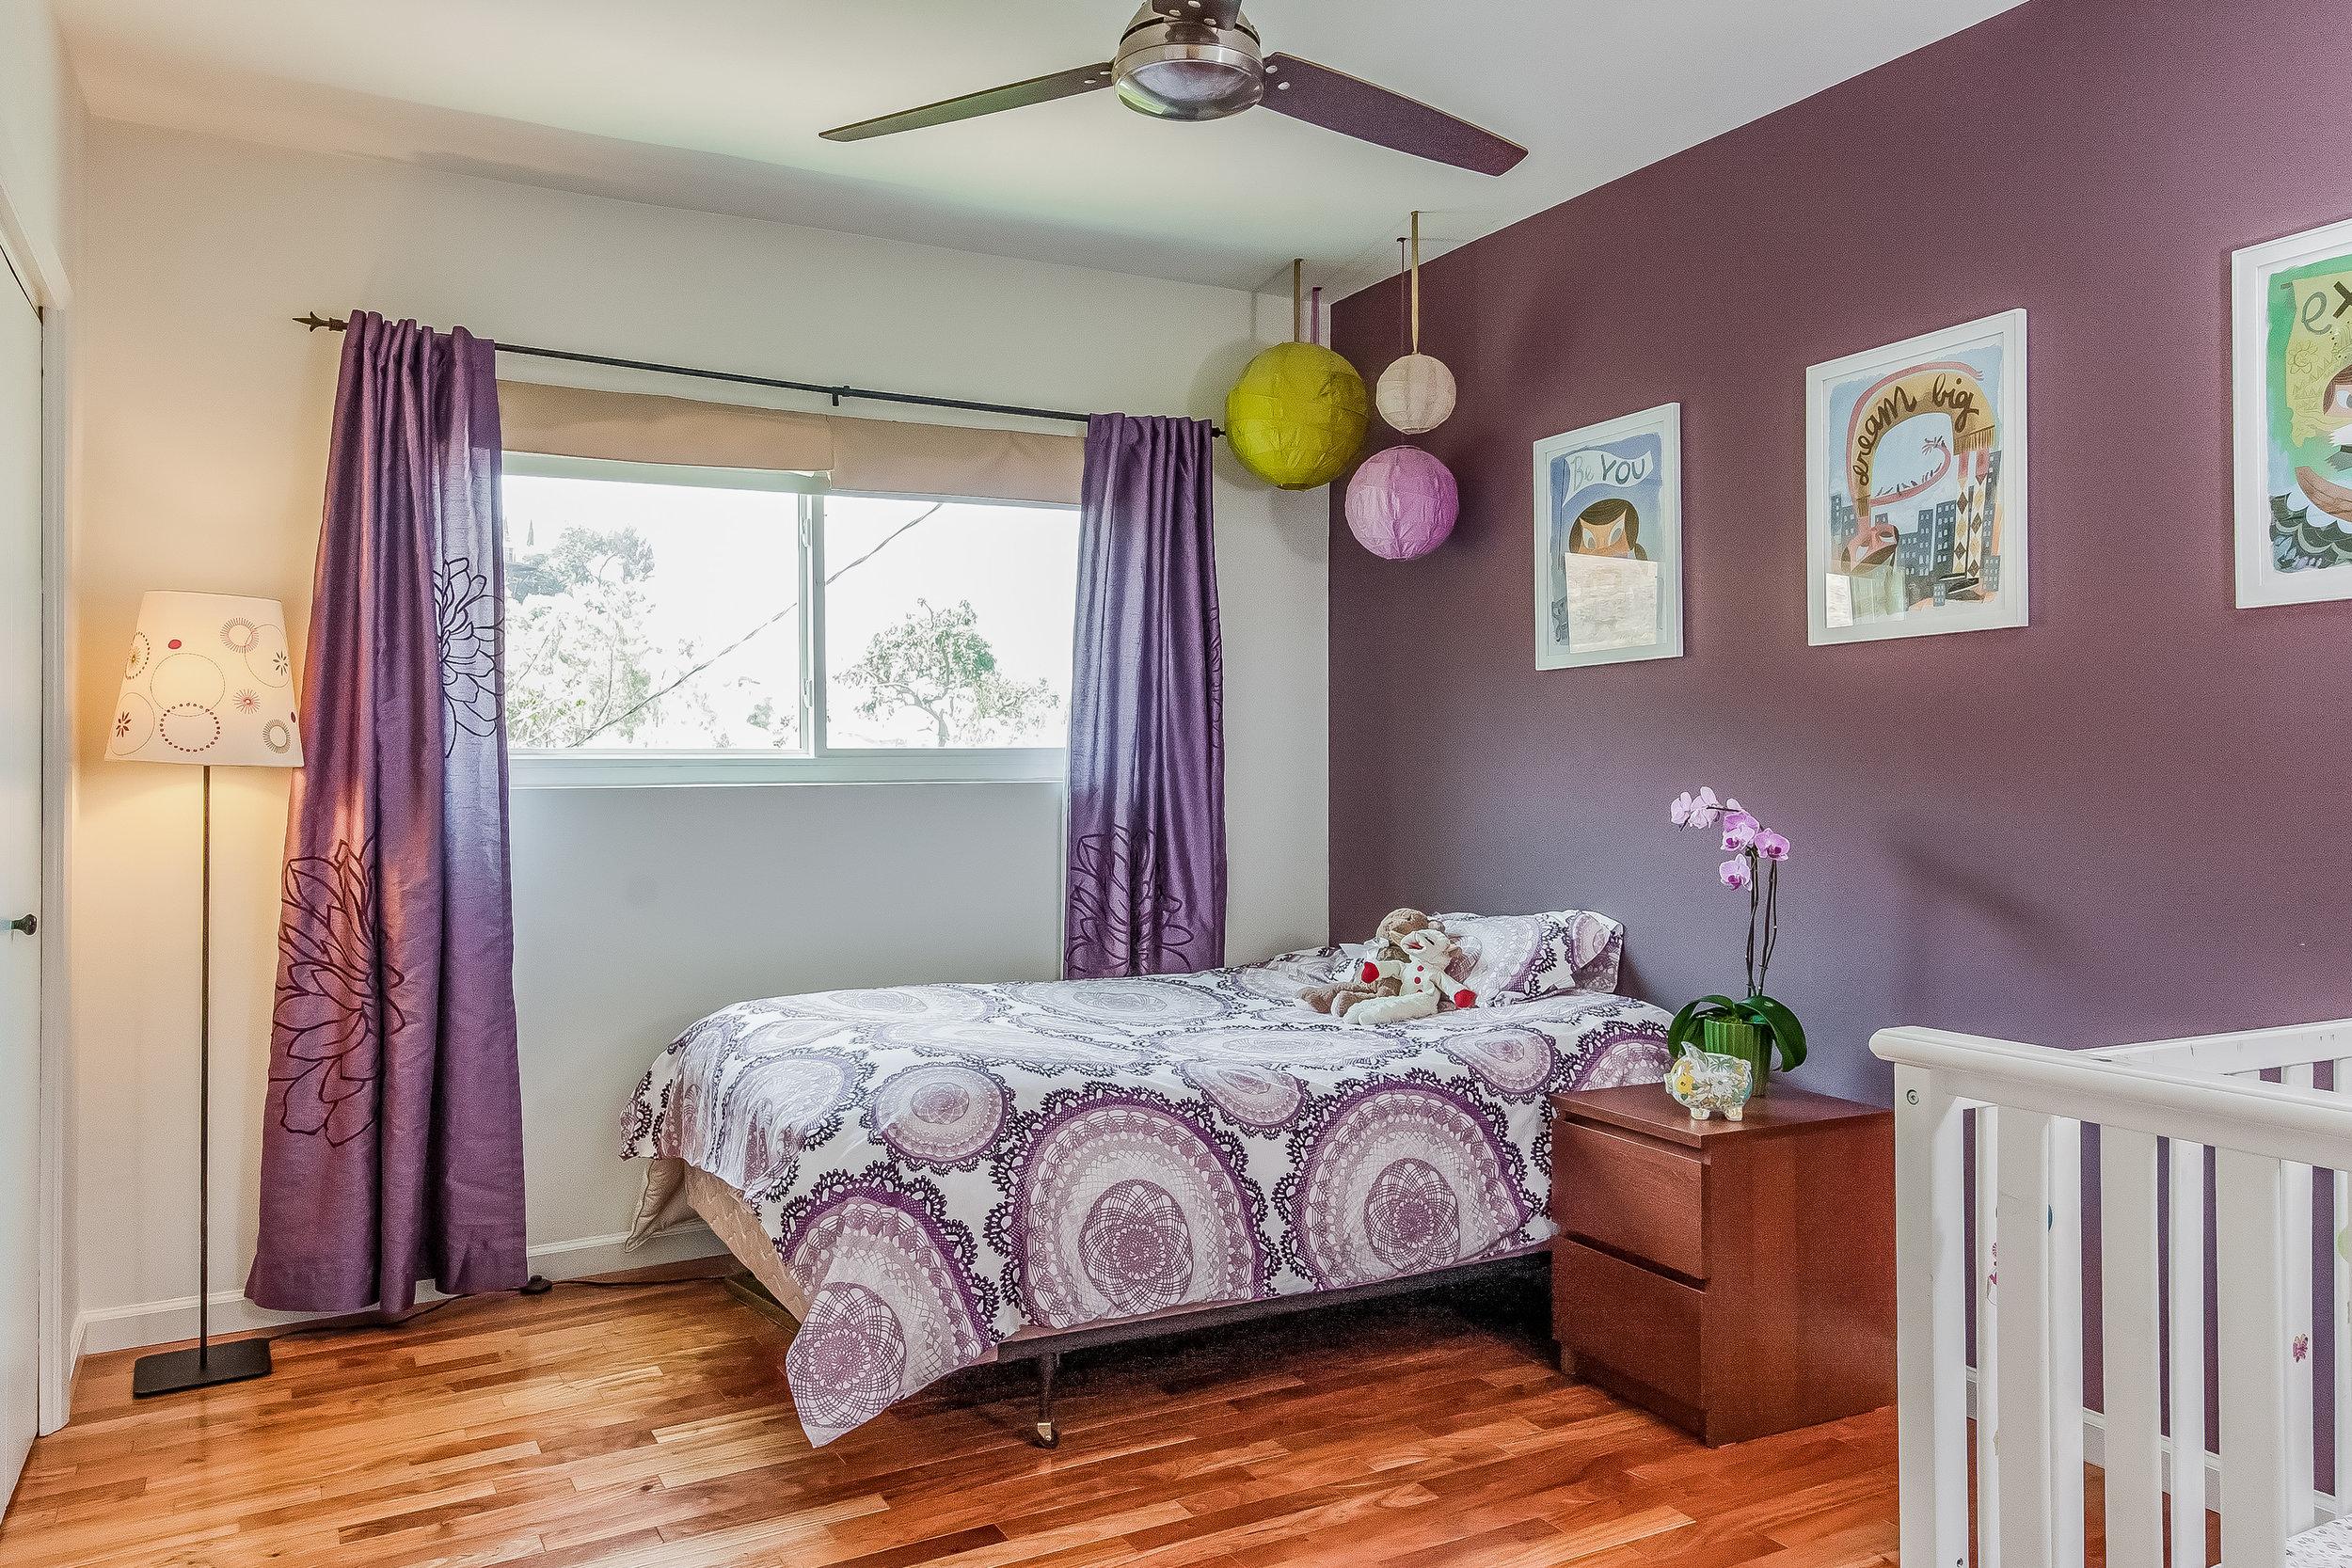 024-Bedroom-1160132-print.jpg